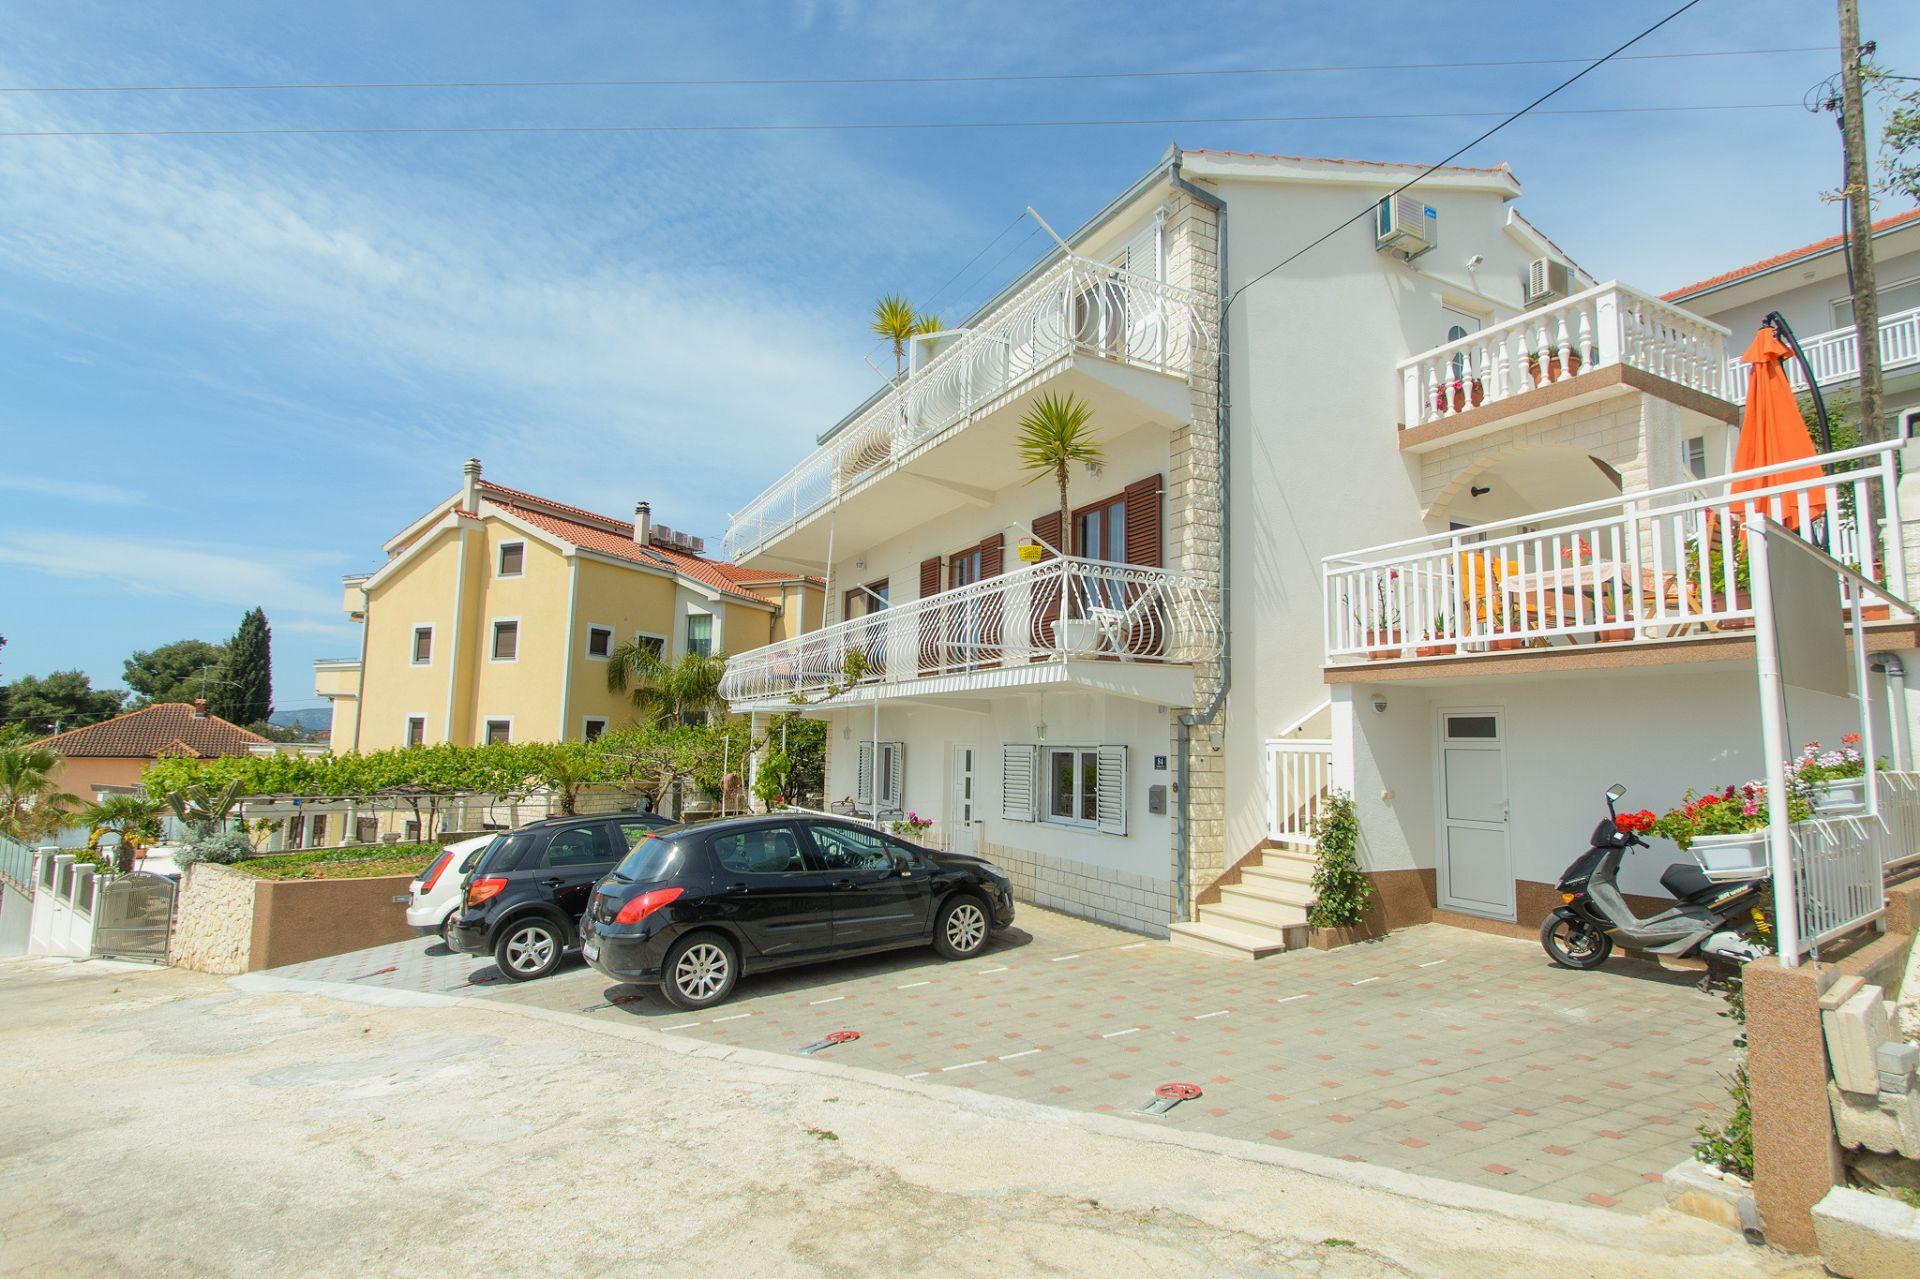 35173  - Okrug Gornji - Appartements Croatie